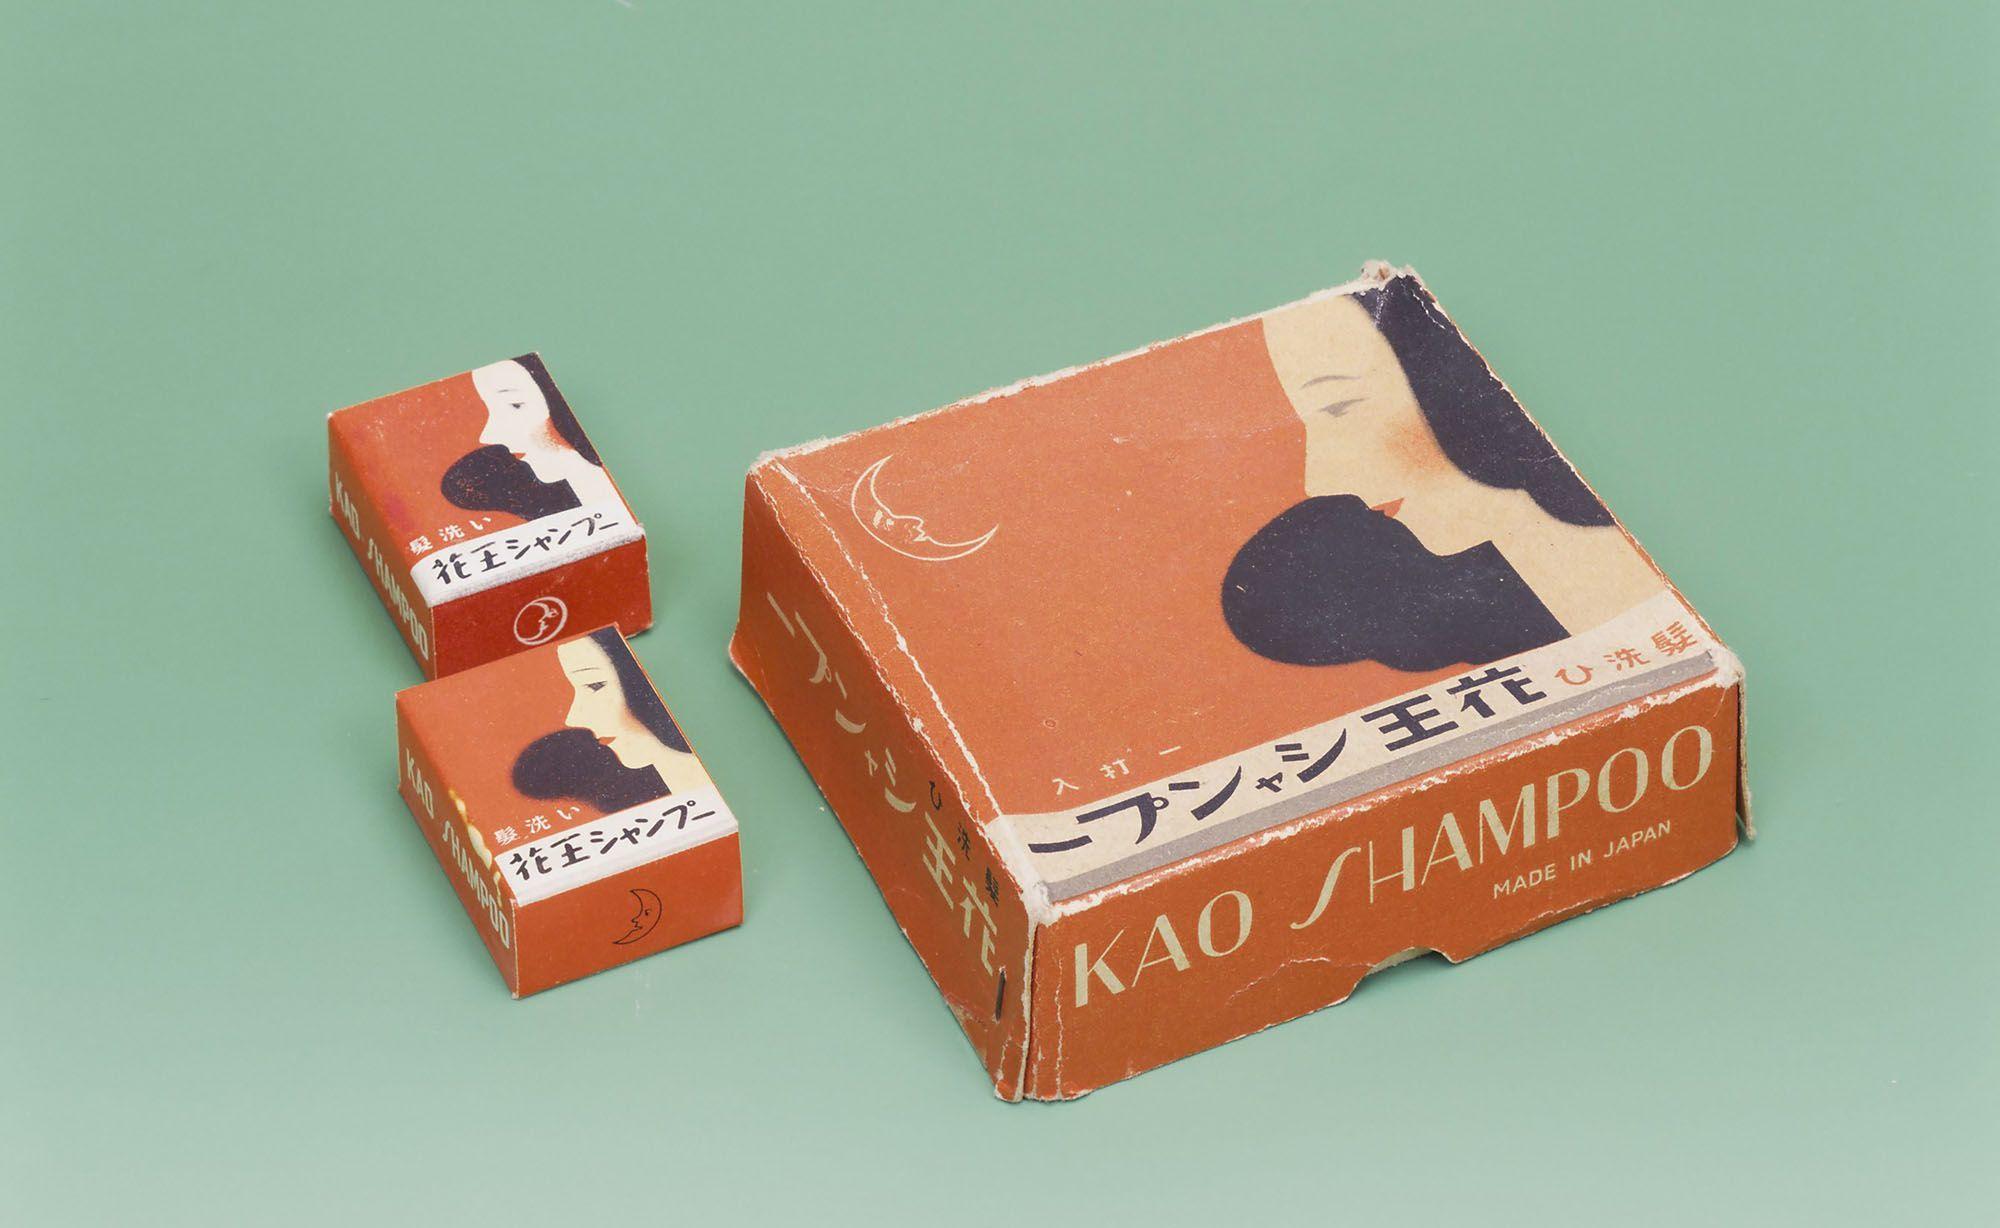 花王シャンプー 1932年発売(花王ミュージアム・資料室提供)